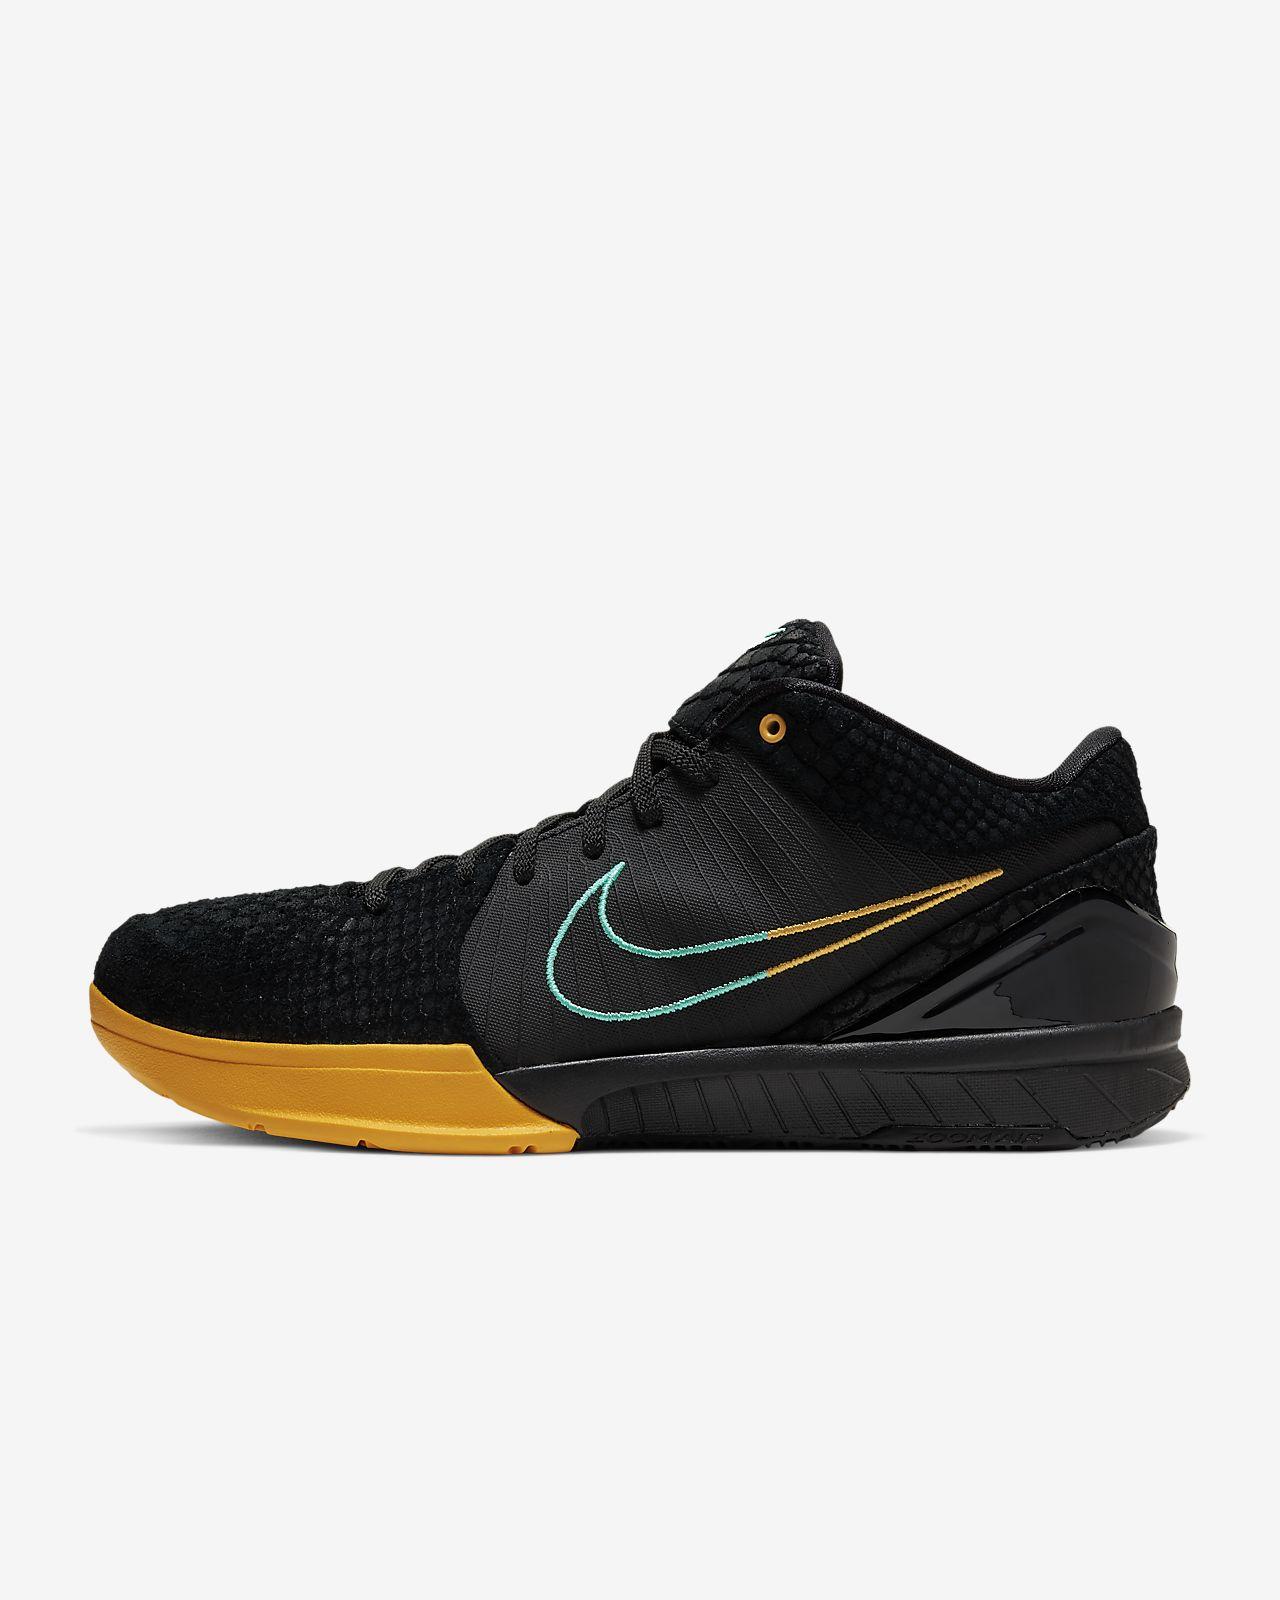 Kobe IV Protro男子篮球鞋